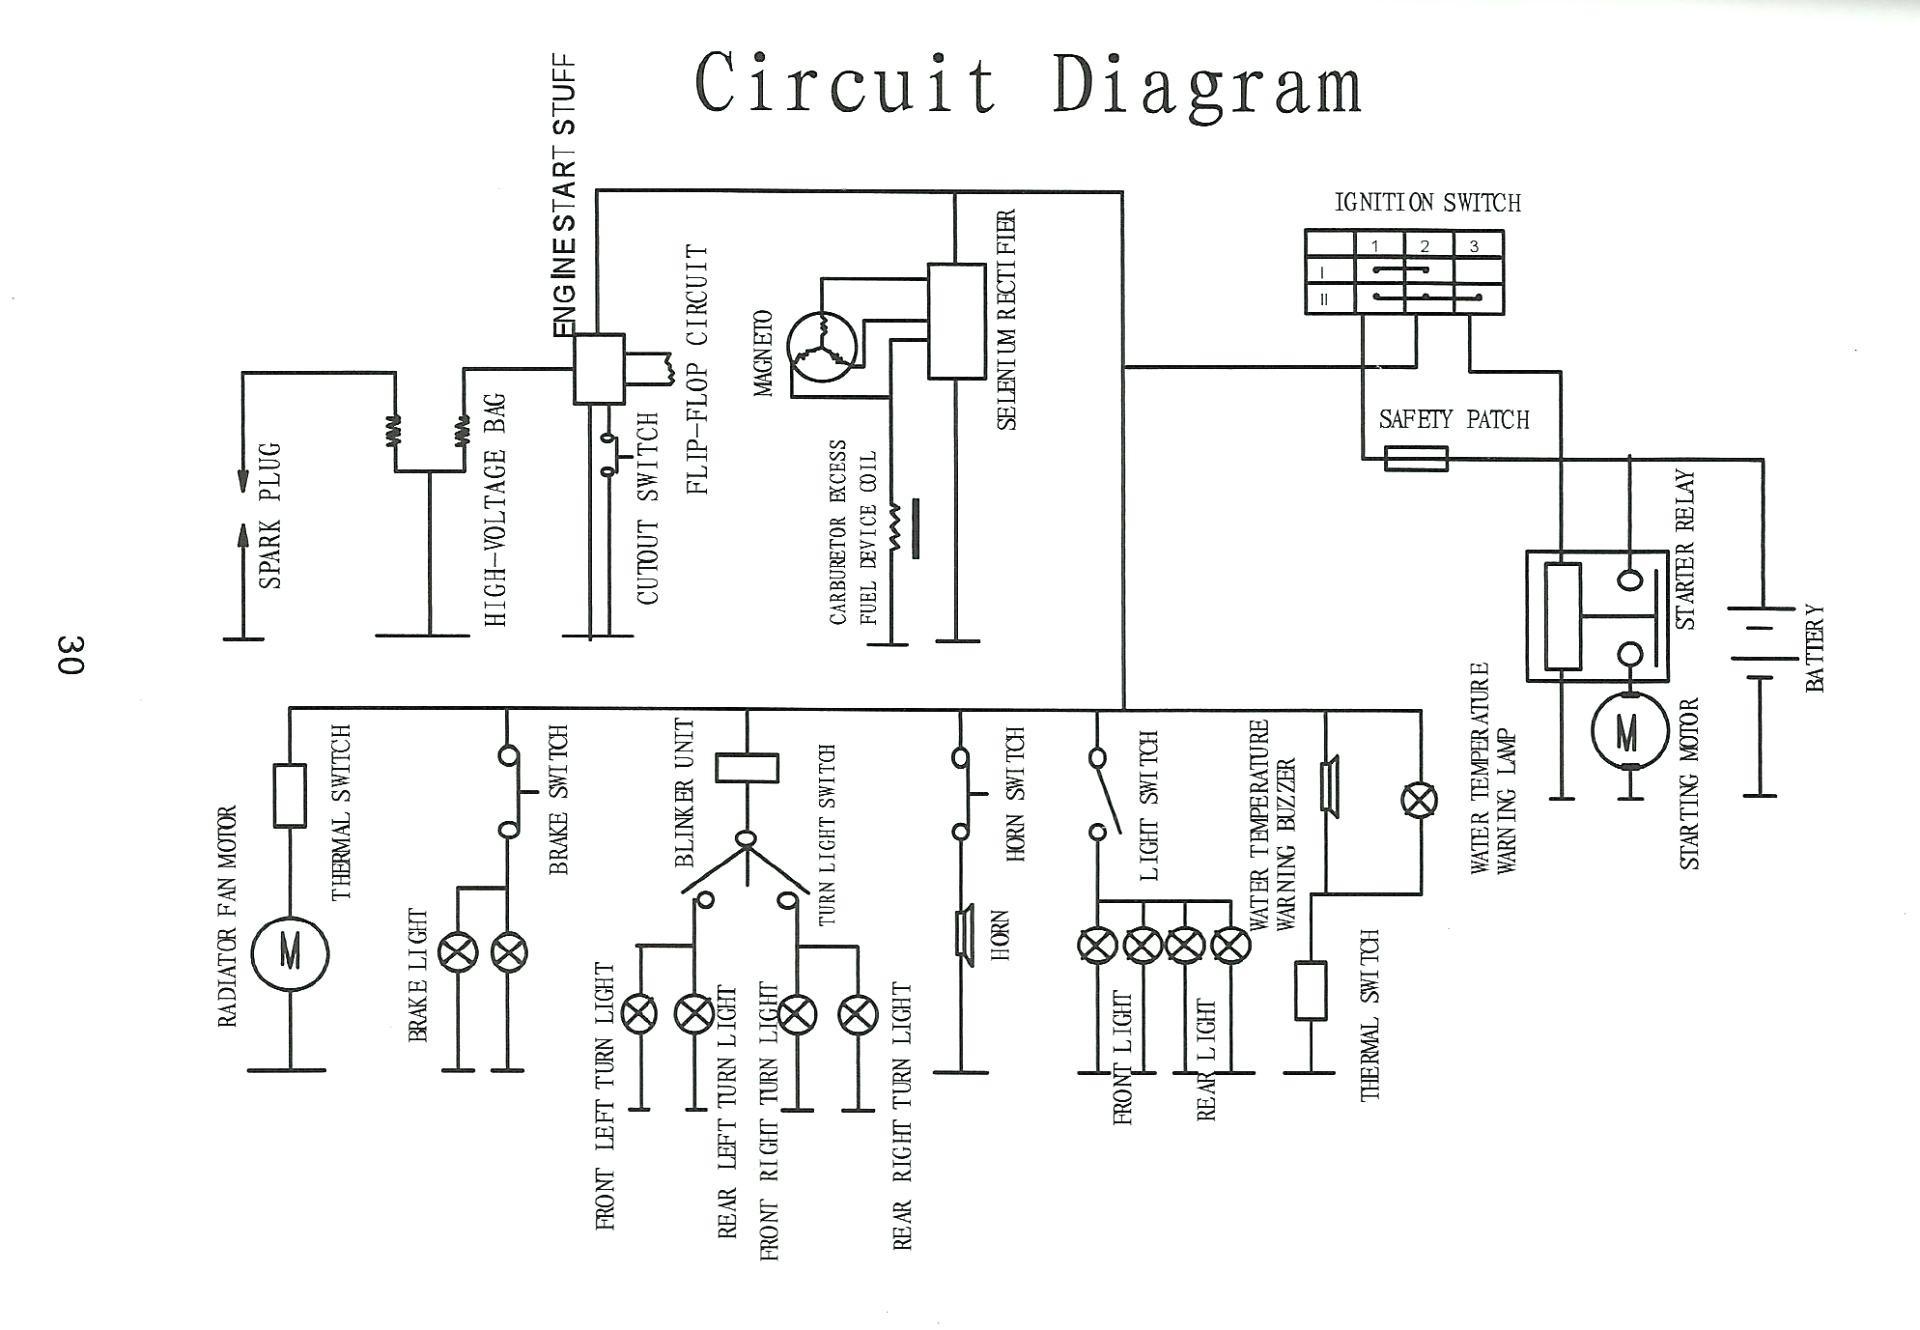 go kart wire schematic 50cc go kart wiring diagram wiring diagram  50cc go kart wiring diagram wiring